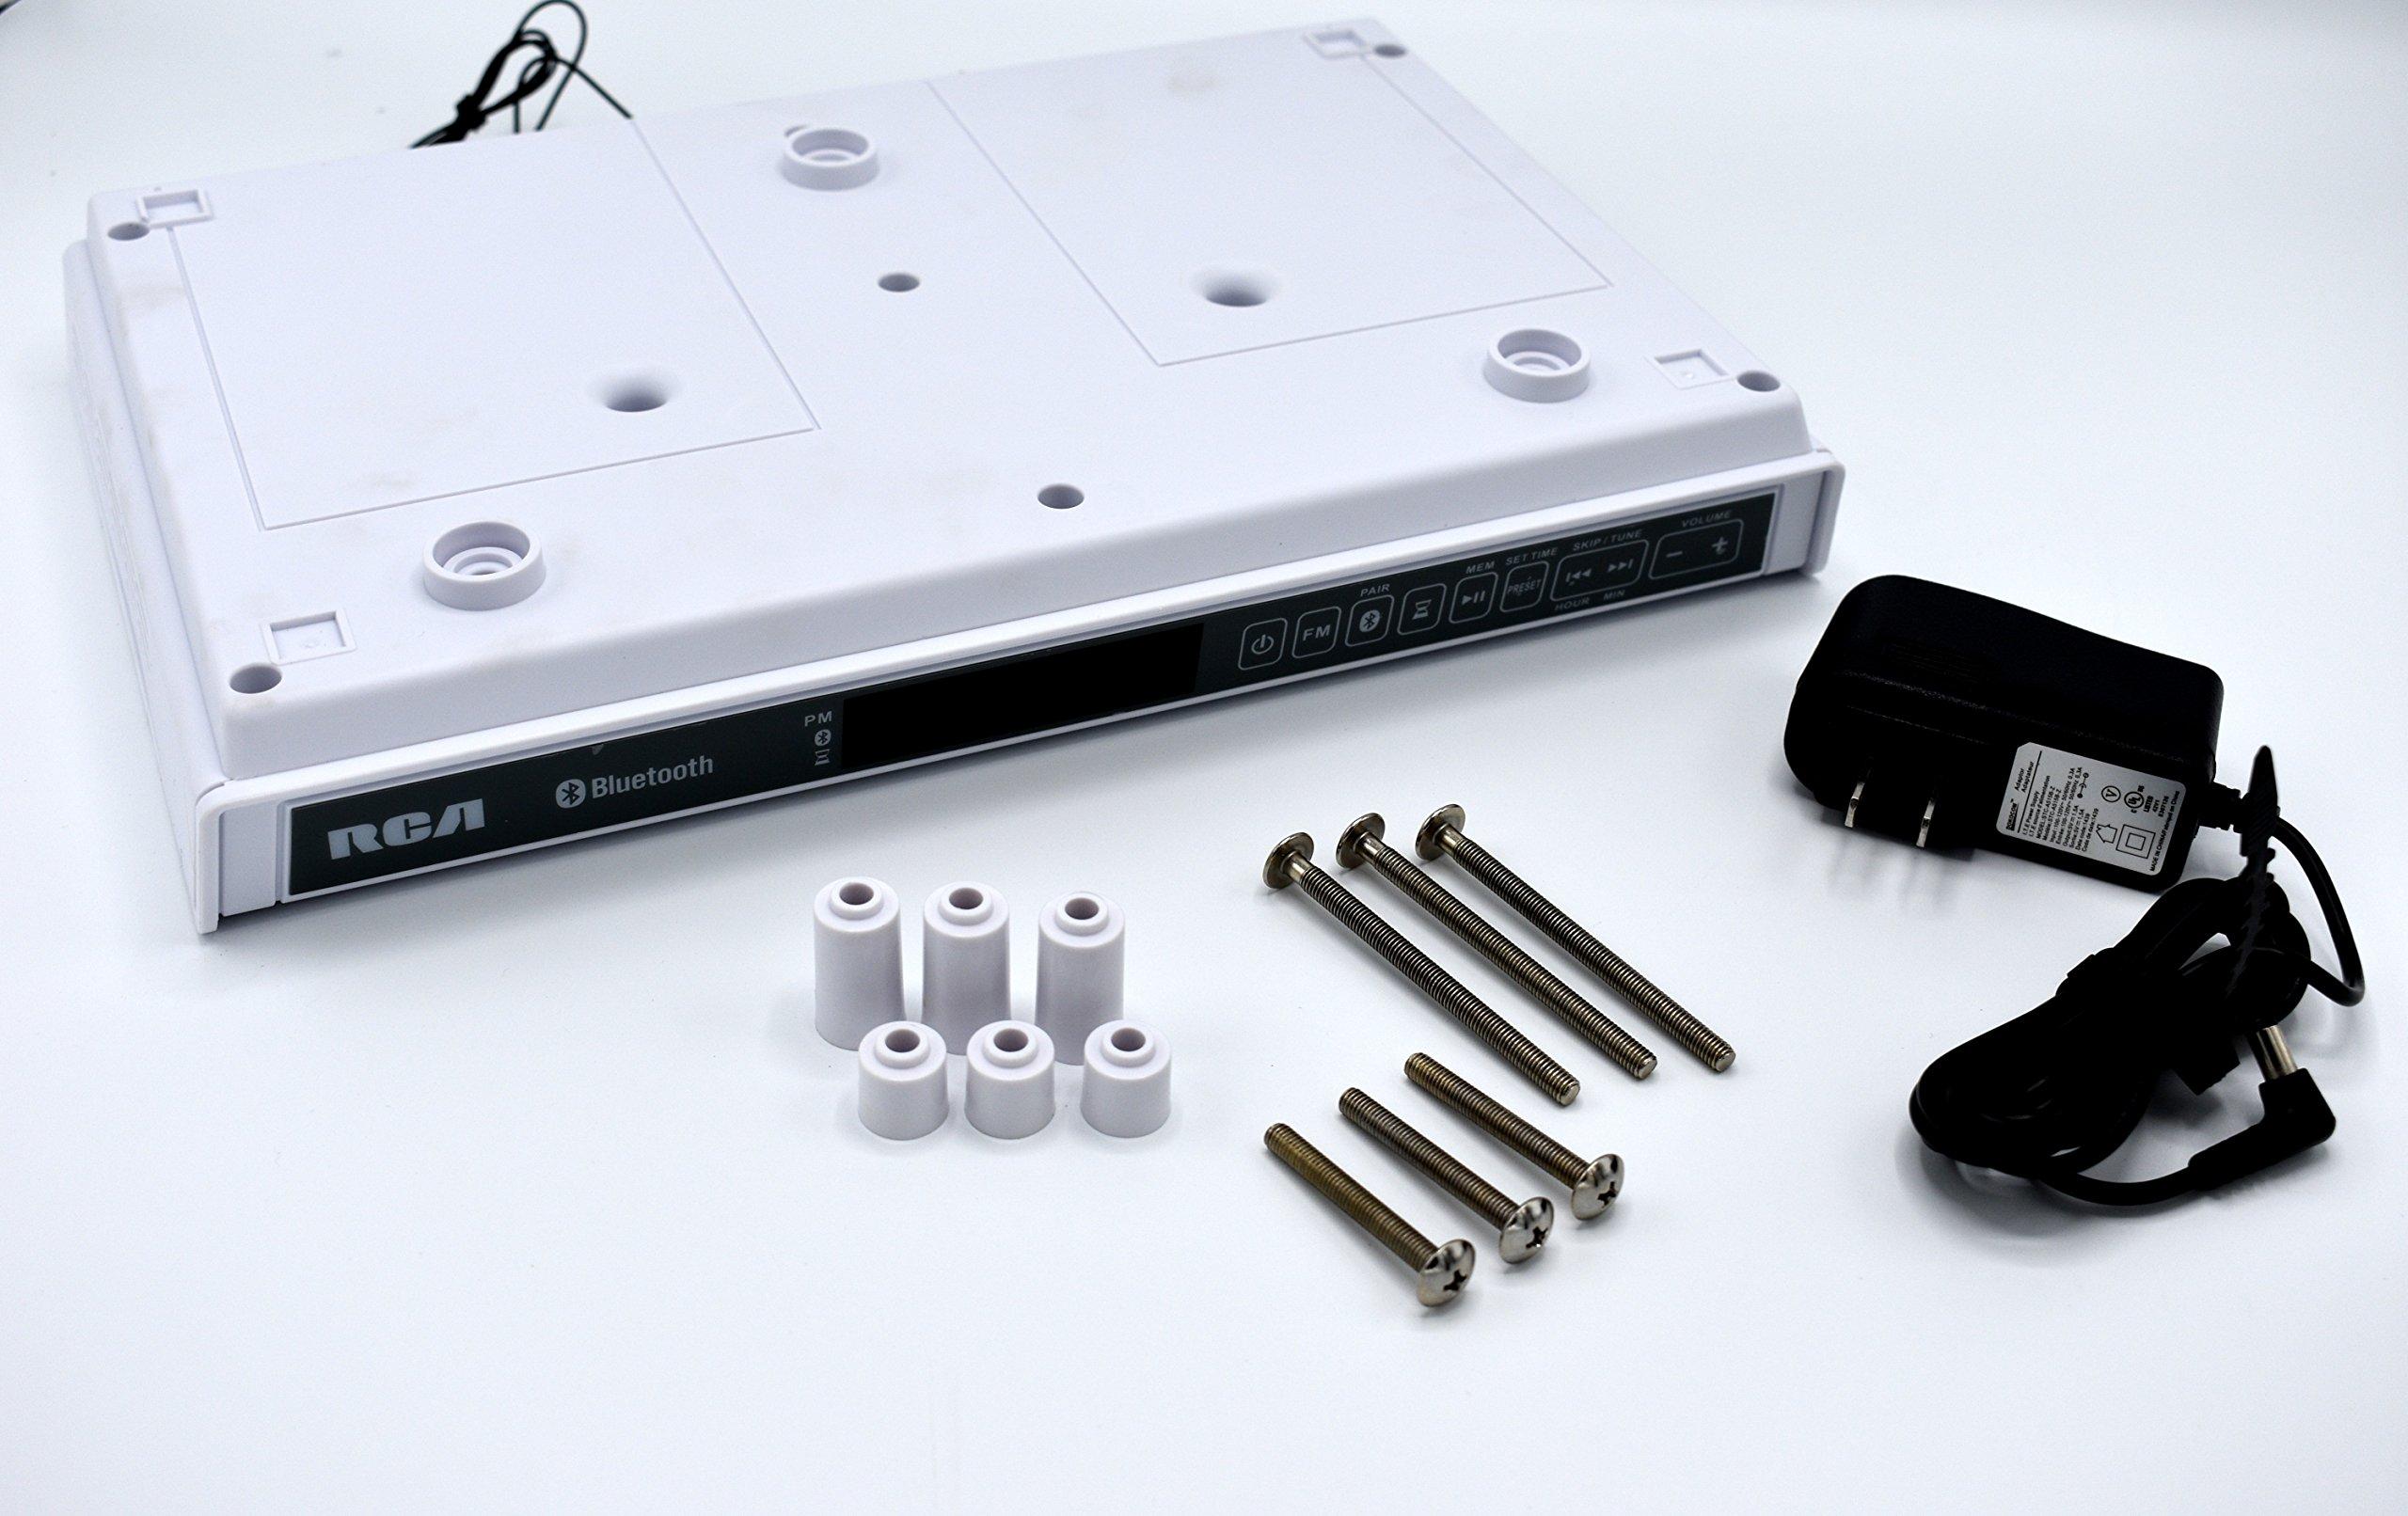 RCA SPS3688B Under Cabinet Wireless Speaker with FM Radio, White